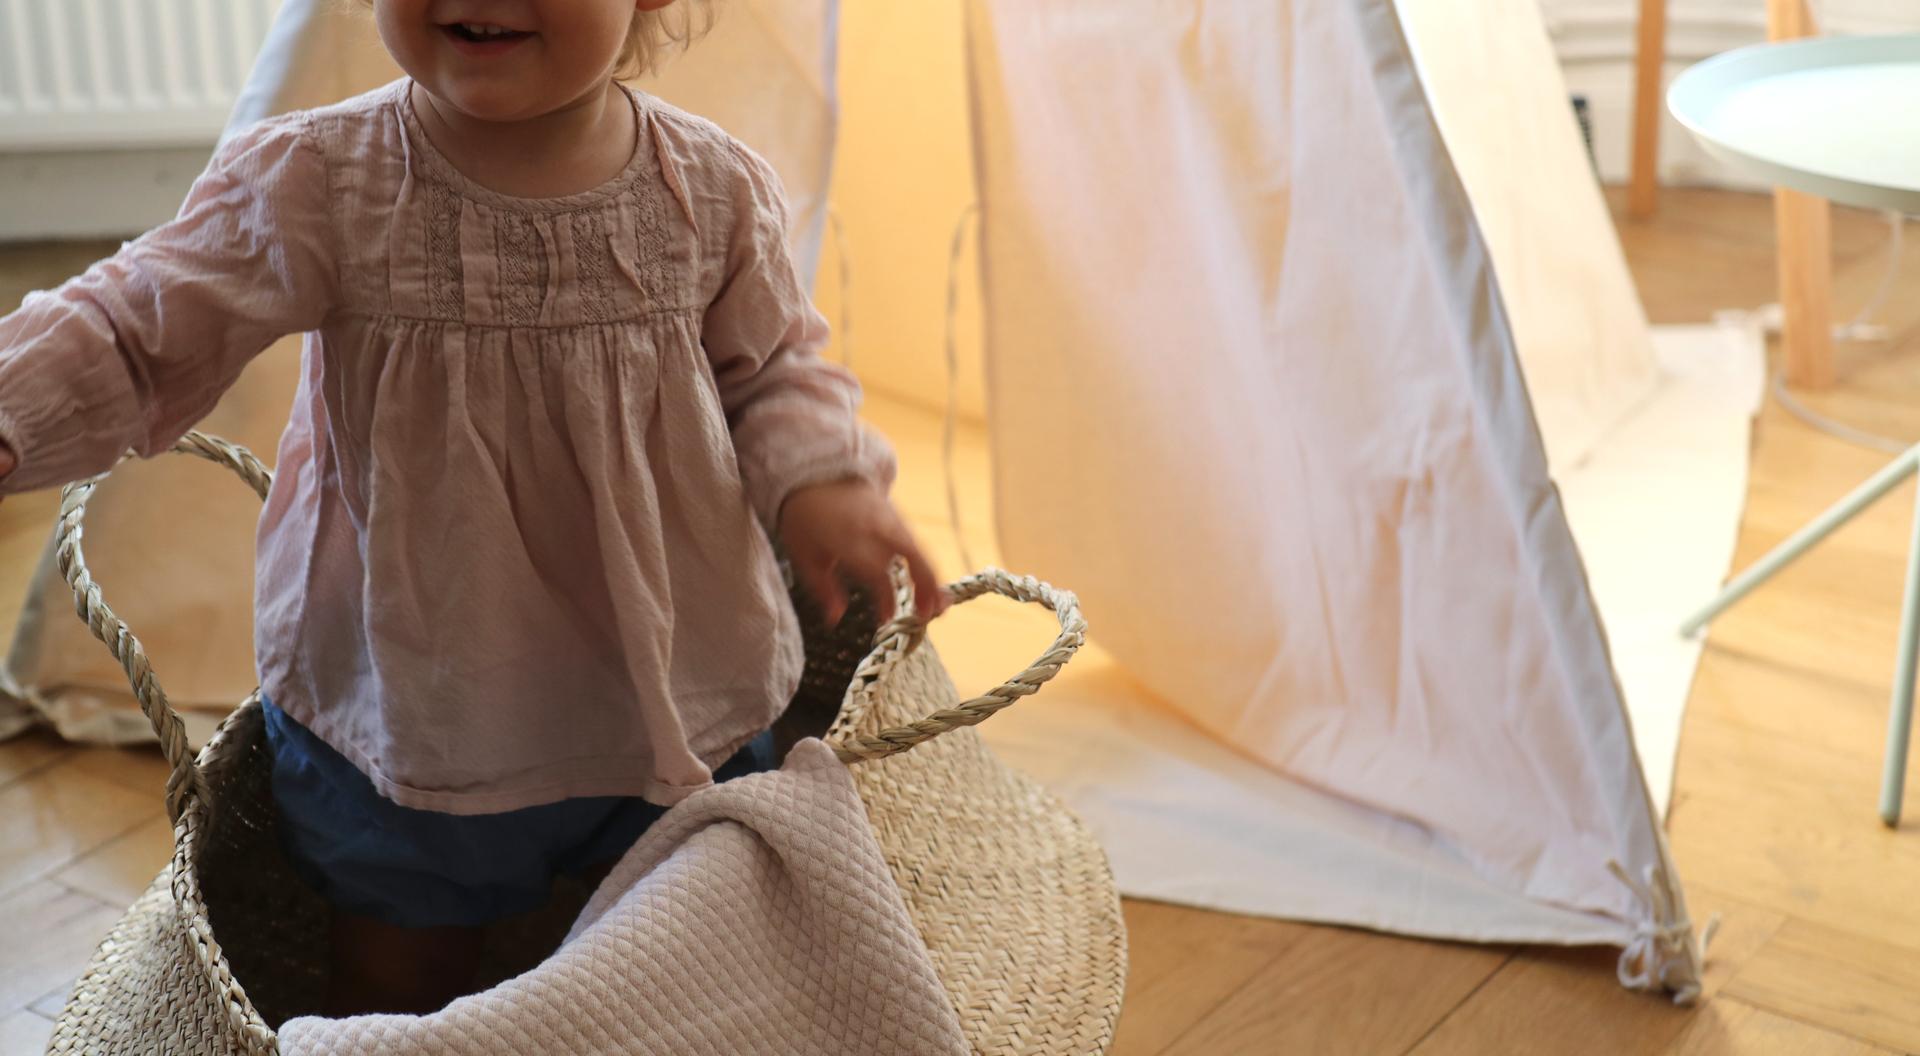 Kind Vom Klettergerüst Auf Bauch Gefallen : Mehr ordnung im kinderzimmer mit jollyroom werbung von guten eltern